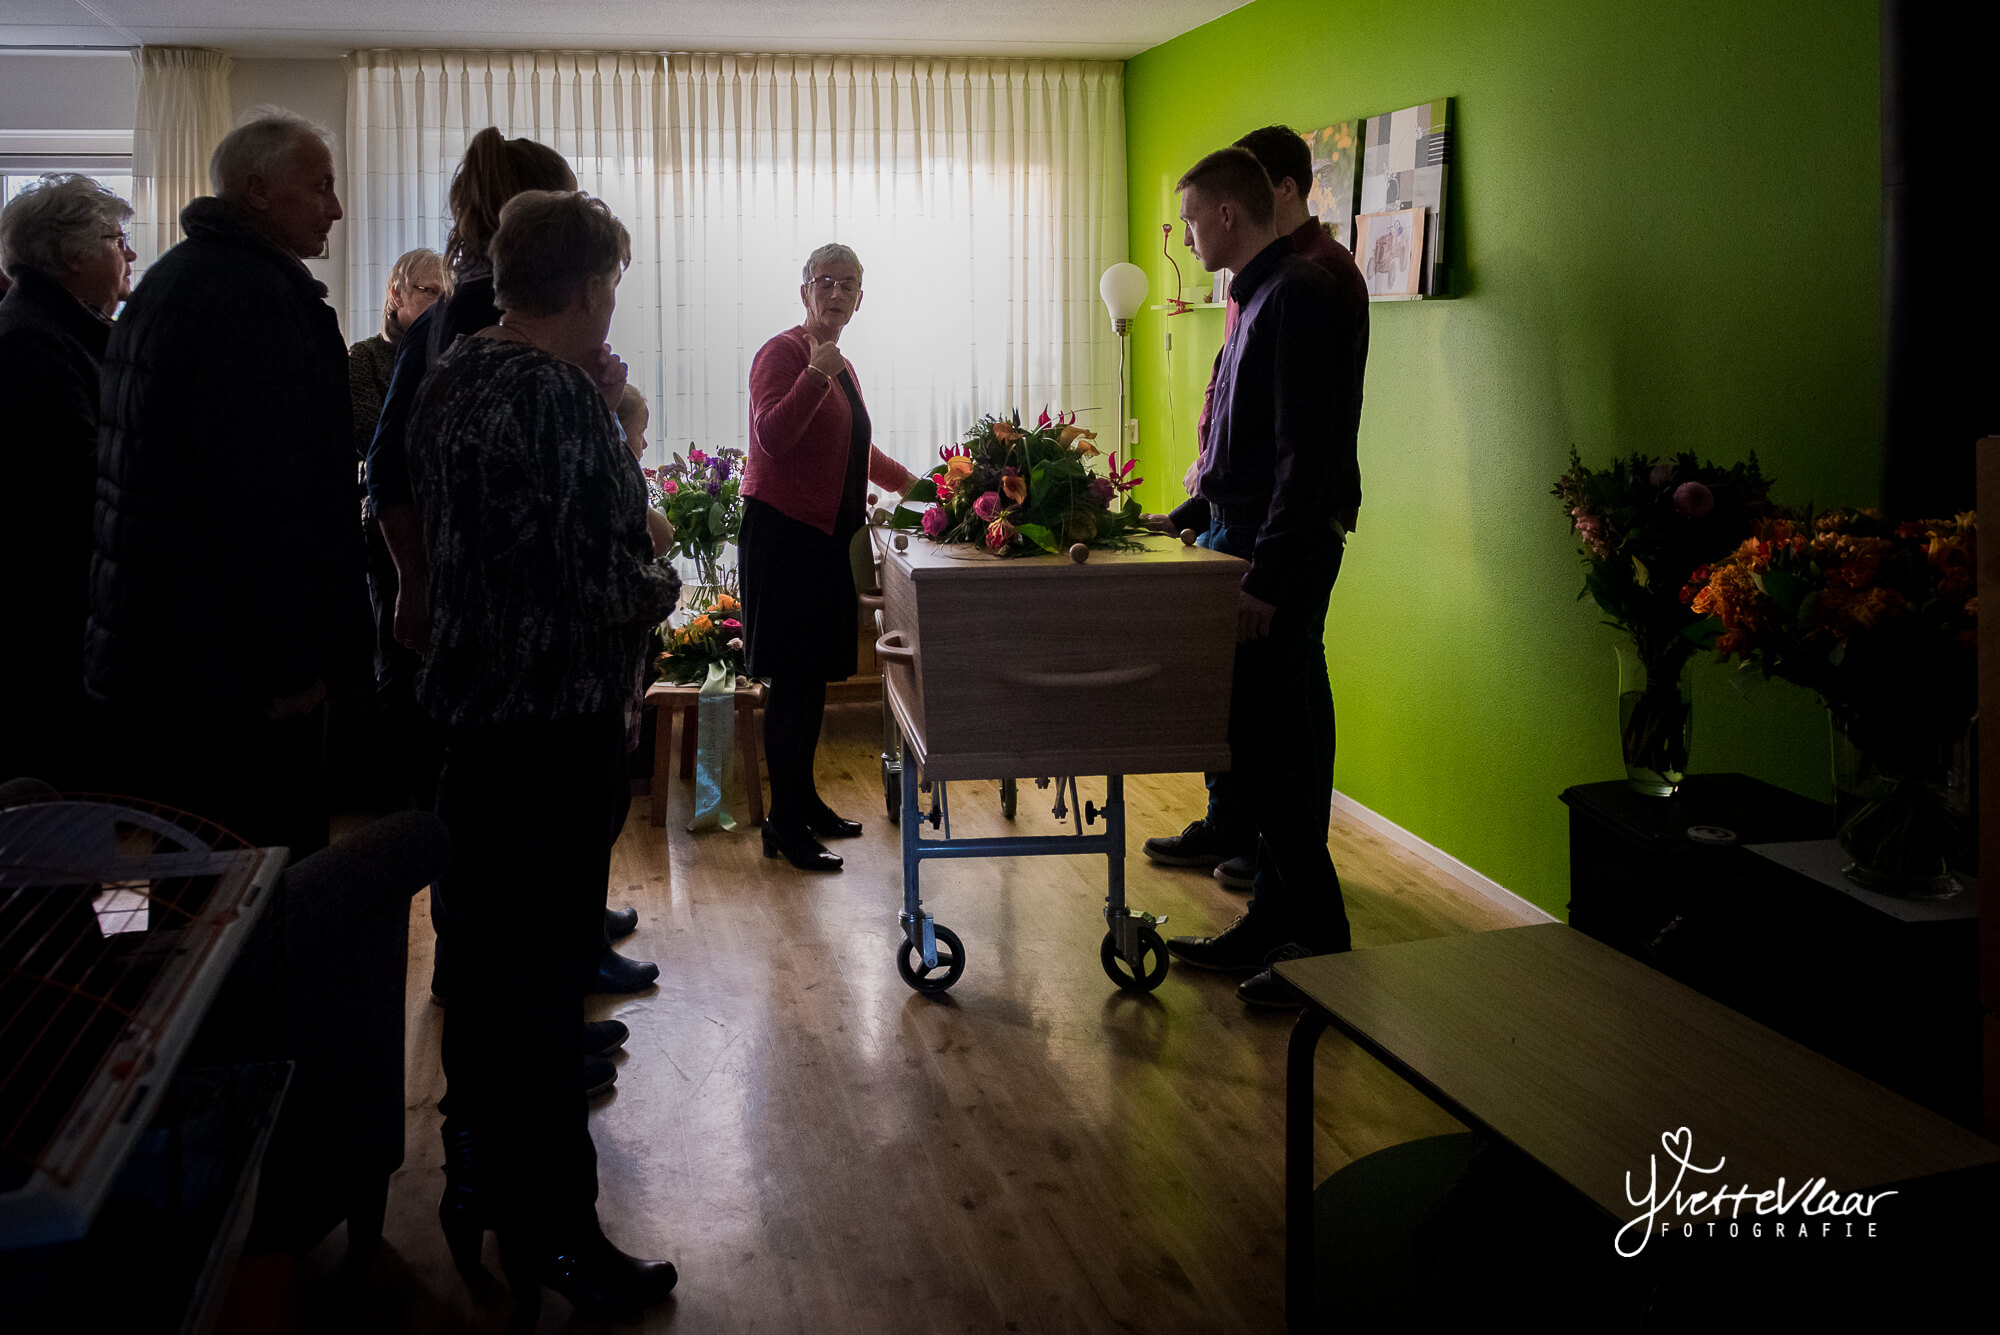 Yvette-Vlaar-afscheidsfotografie-Flevoland-001